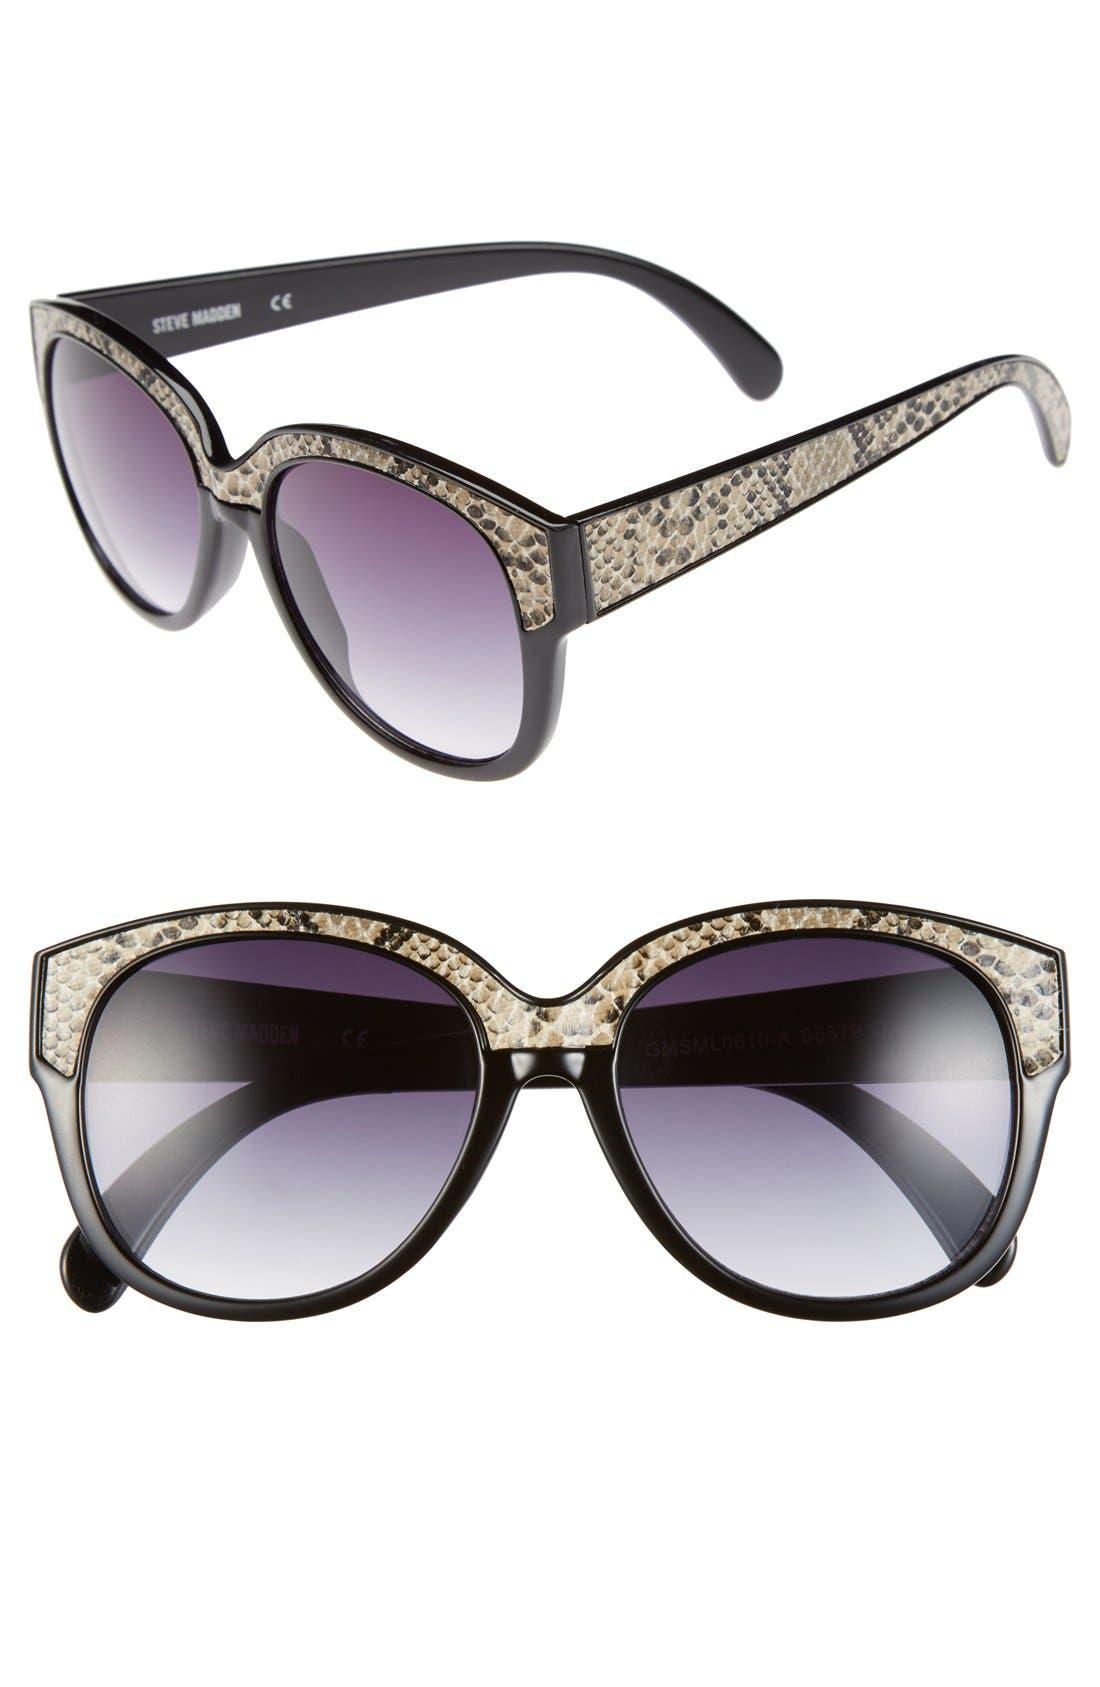 Alternate Image 1 Selected - Steve Madden 55mm Retro Sunglasses